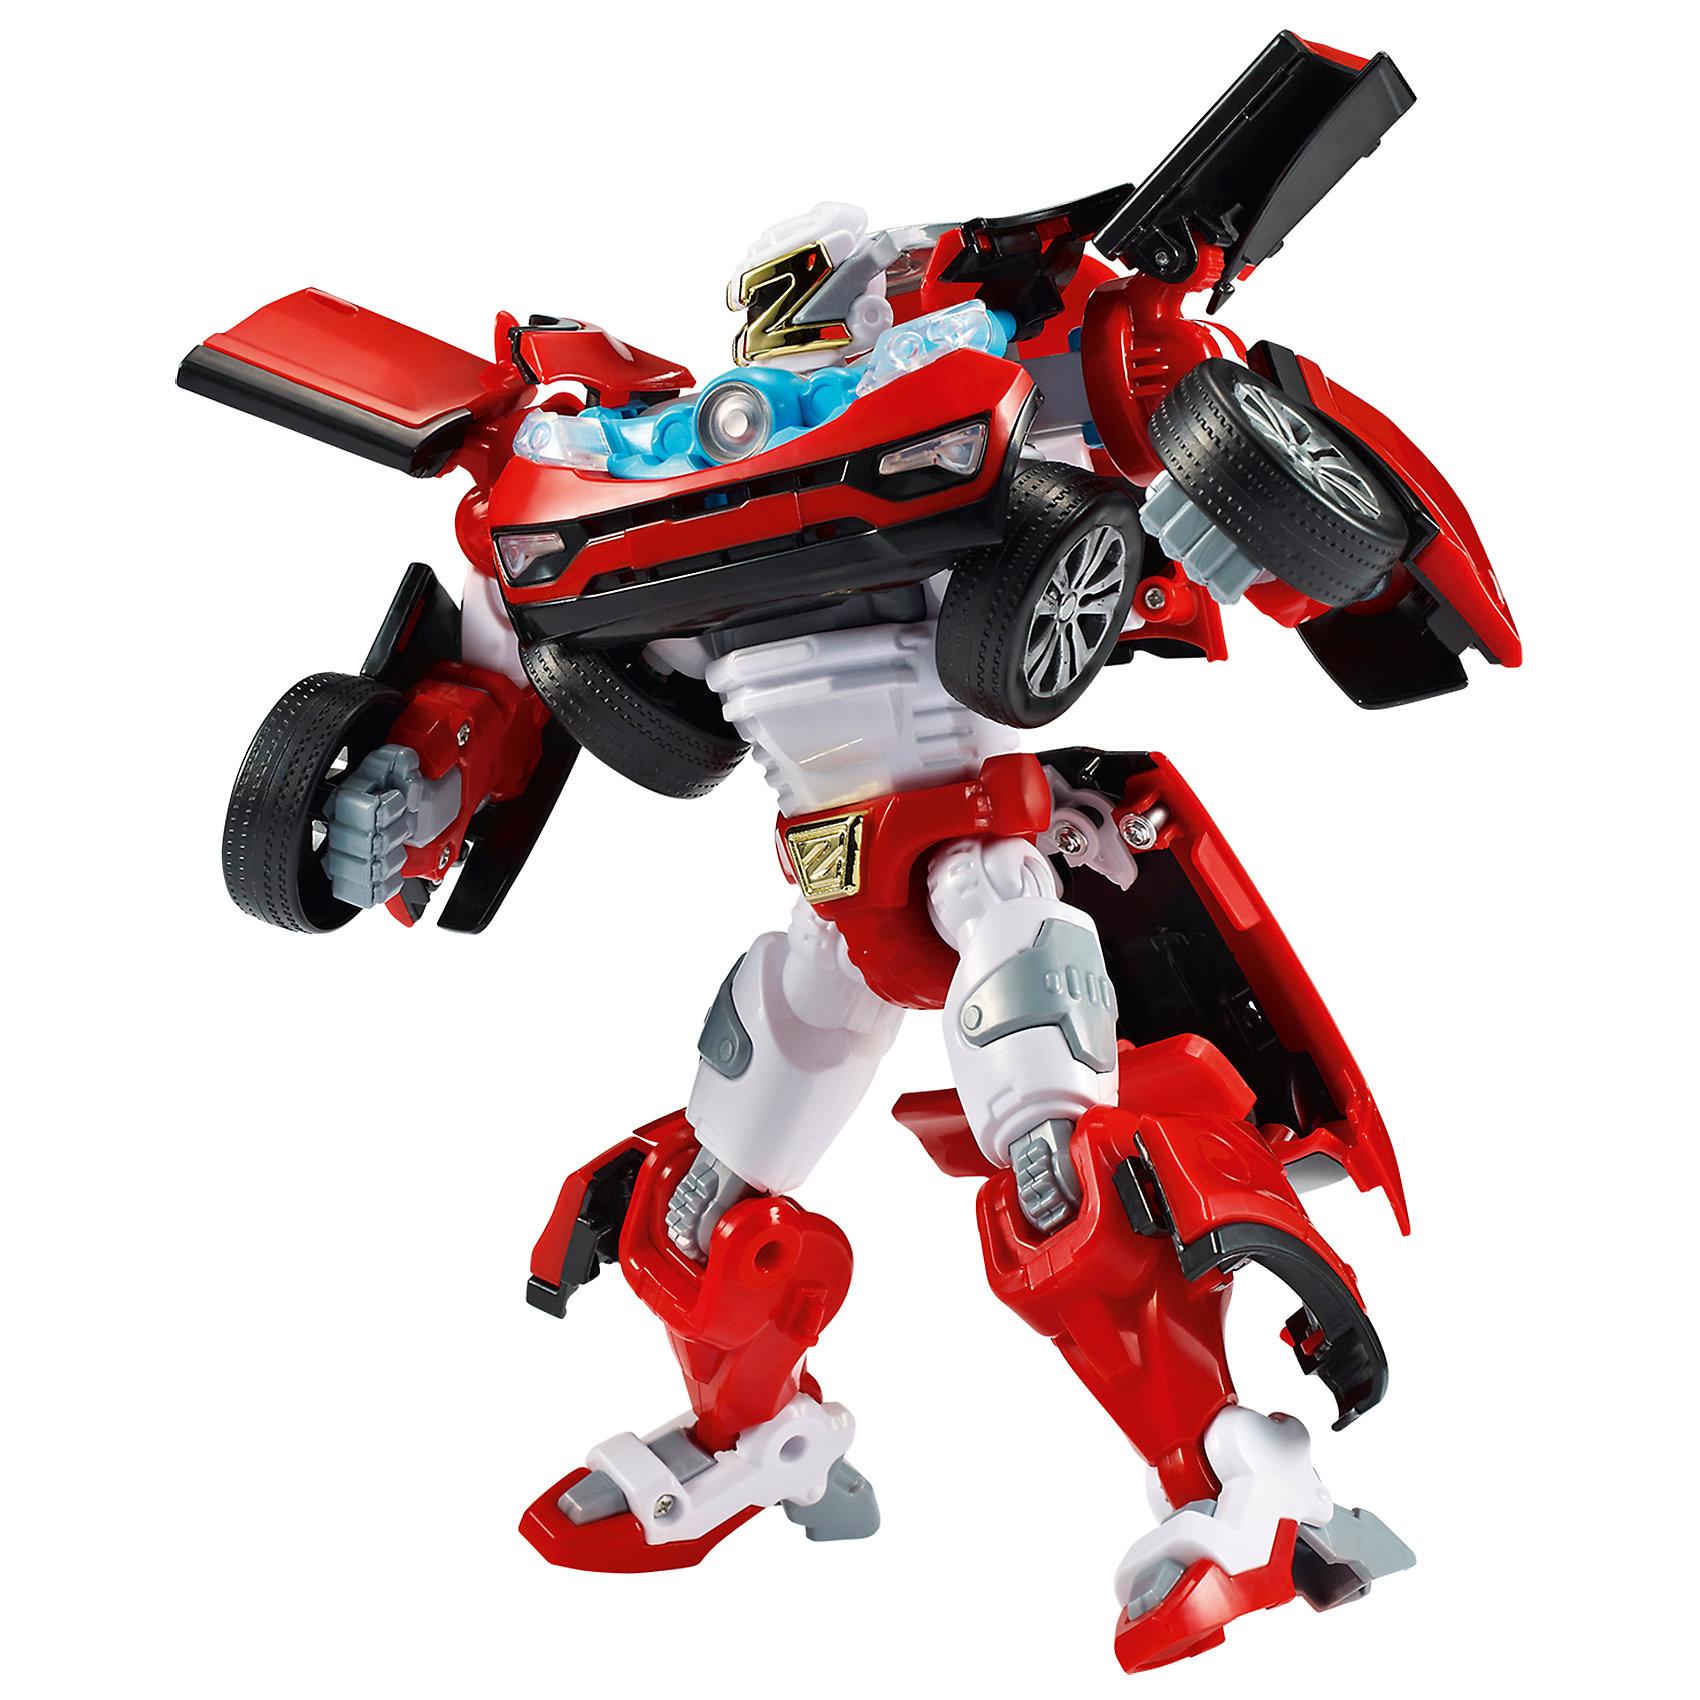 Трансформер Тобот ZТрансформер Тобот Z<br><br>Характеристики:<br><br>• легко превращается в машину и робота<br>• изготовлен из прочных и ударостойких материалов<br>• в комплекте: робот-трансформер, браслет для мальчика, 4 карточки, ключ-токен, наклейки<br>• материал: металл, пластик, бумага, резина, полимер<br>• размер упаковки: 29х12,5х32,6 см<br>• вес: 889 грамм<br><br>Тобот Z - прекрасный подарок для любителей трансформеров. Он с легкостью превращается в стильный автомобиль, а затем снова в робота. Для превращения достаточно лишь использовать специальный ключ-токен. Помимо самого трансформера и ключа, в наборе есть 4 карточки, наклейки и браслет для мальчика. Все детали изготовлены из прочных материалов, гарантирующих долговечность игрушки. Этот трансформер придется по вкусу каждому мальчику!<br><br>Трансформер Тобот Z вы можете купить в нашем интернет-магазине.<br><br>Ширина мм: 117<br>Глубина мм: 77<br>Высота мм: 250<br>Вес г: 300<br>Возраст от месяцев: 36<br>Возраст до месяцев: 2147483647<br>Пол: Мужской<br>Возраст: Детский<br>SKU: 5028888